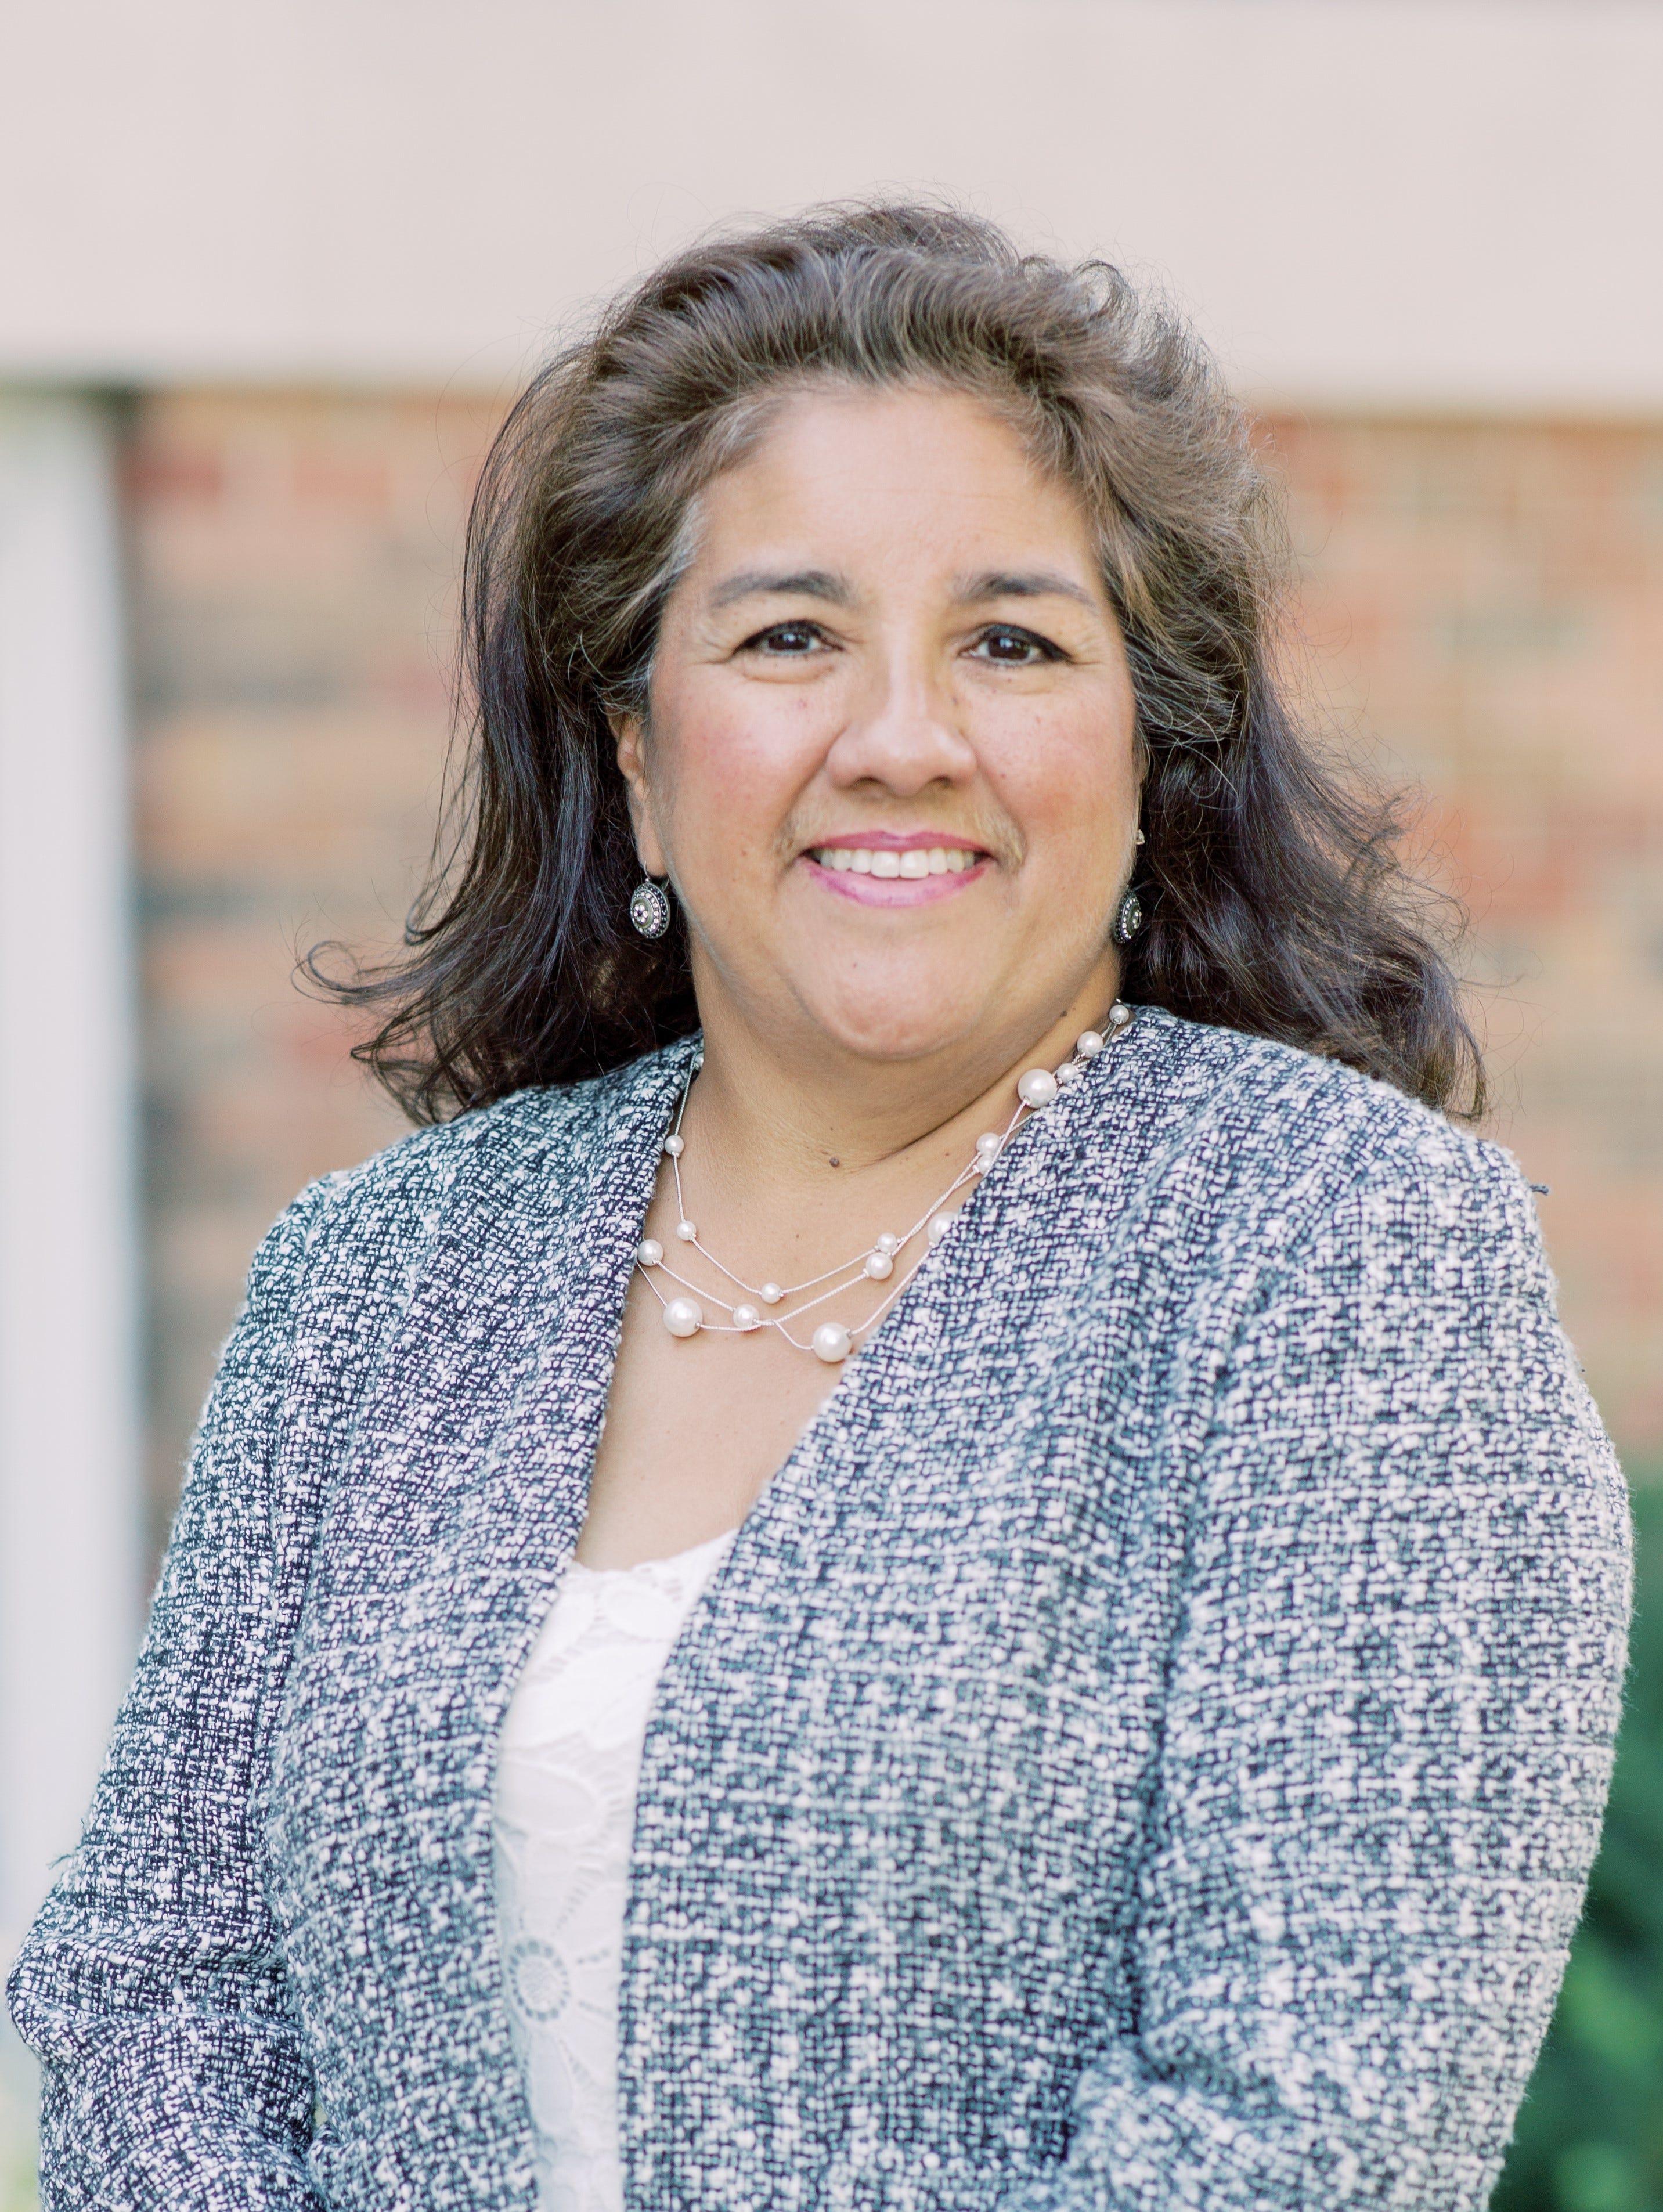 Victoria Snyder